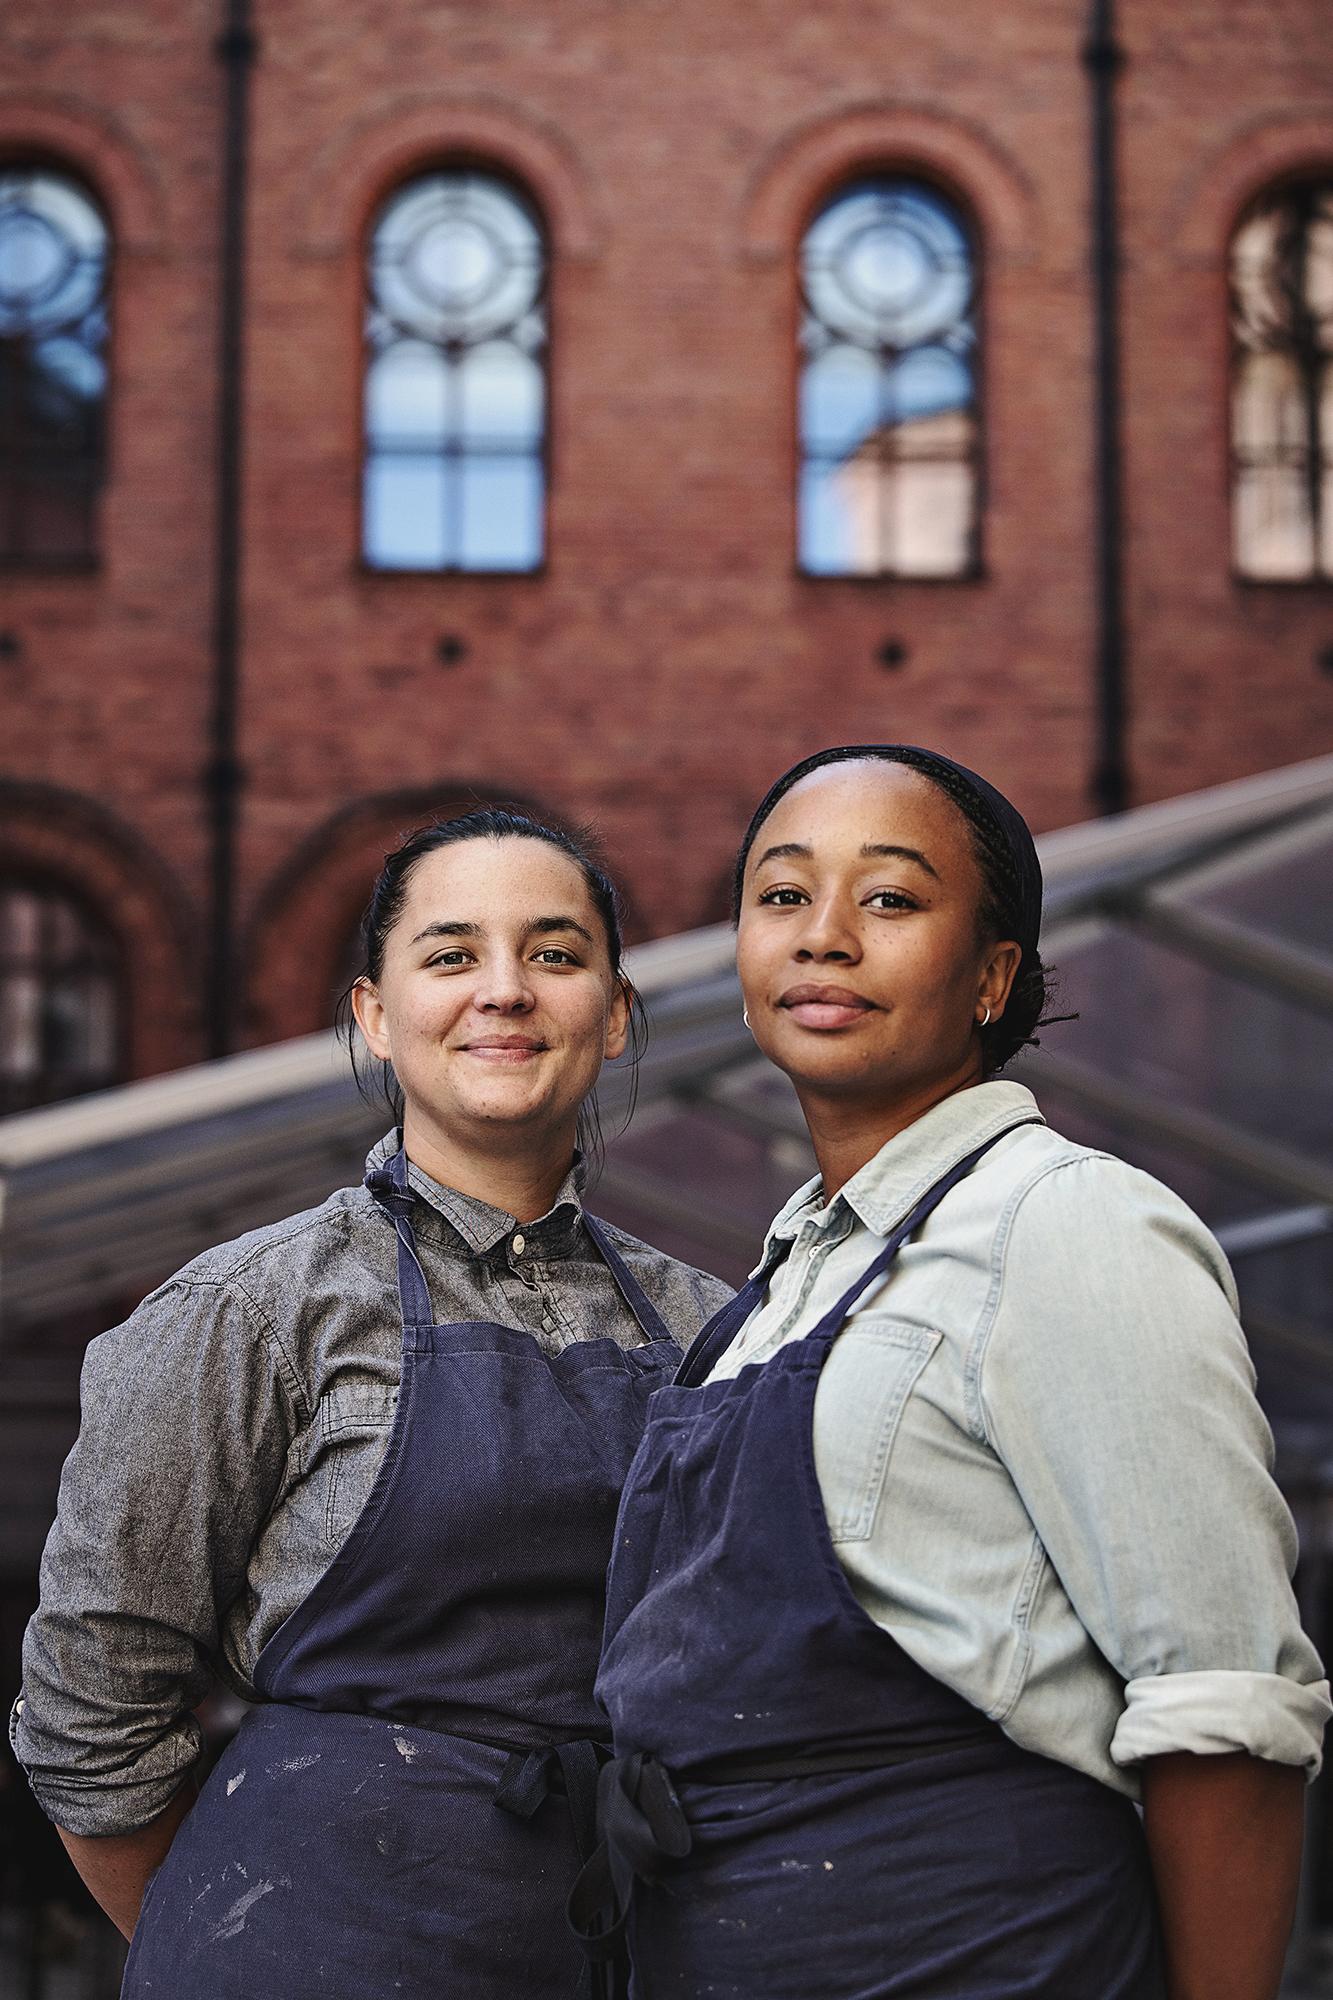 20180914Linn Söderström och Marion Ringborg driver Garba som i höst tar över köket på Riksarkivet i Stockholm.Foto: Hilda Arneback